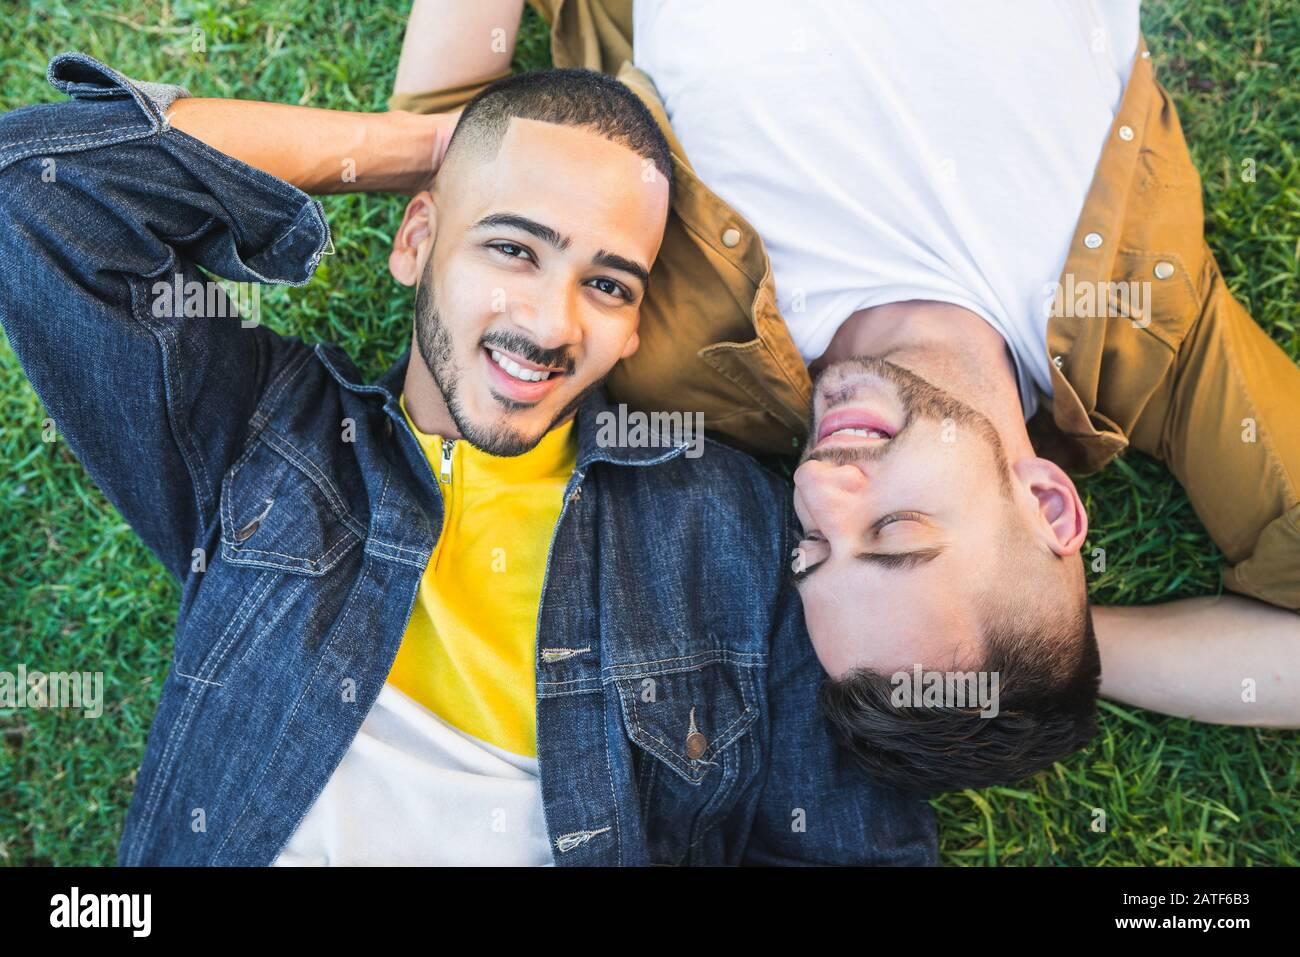 Jungs junge schwule Junge Schwule